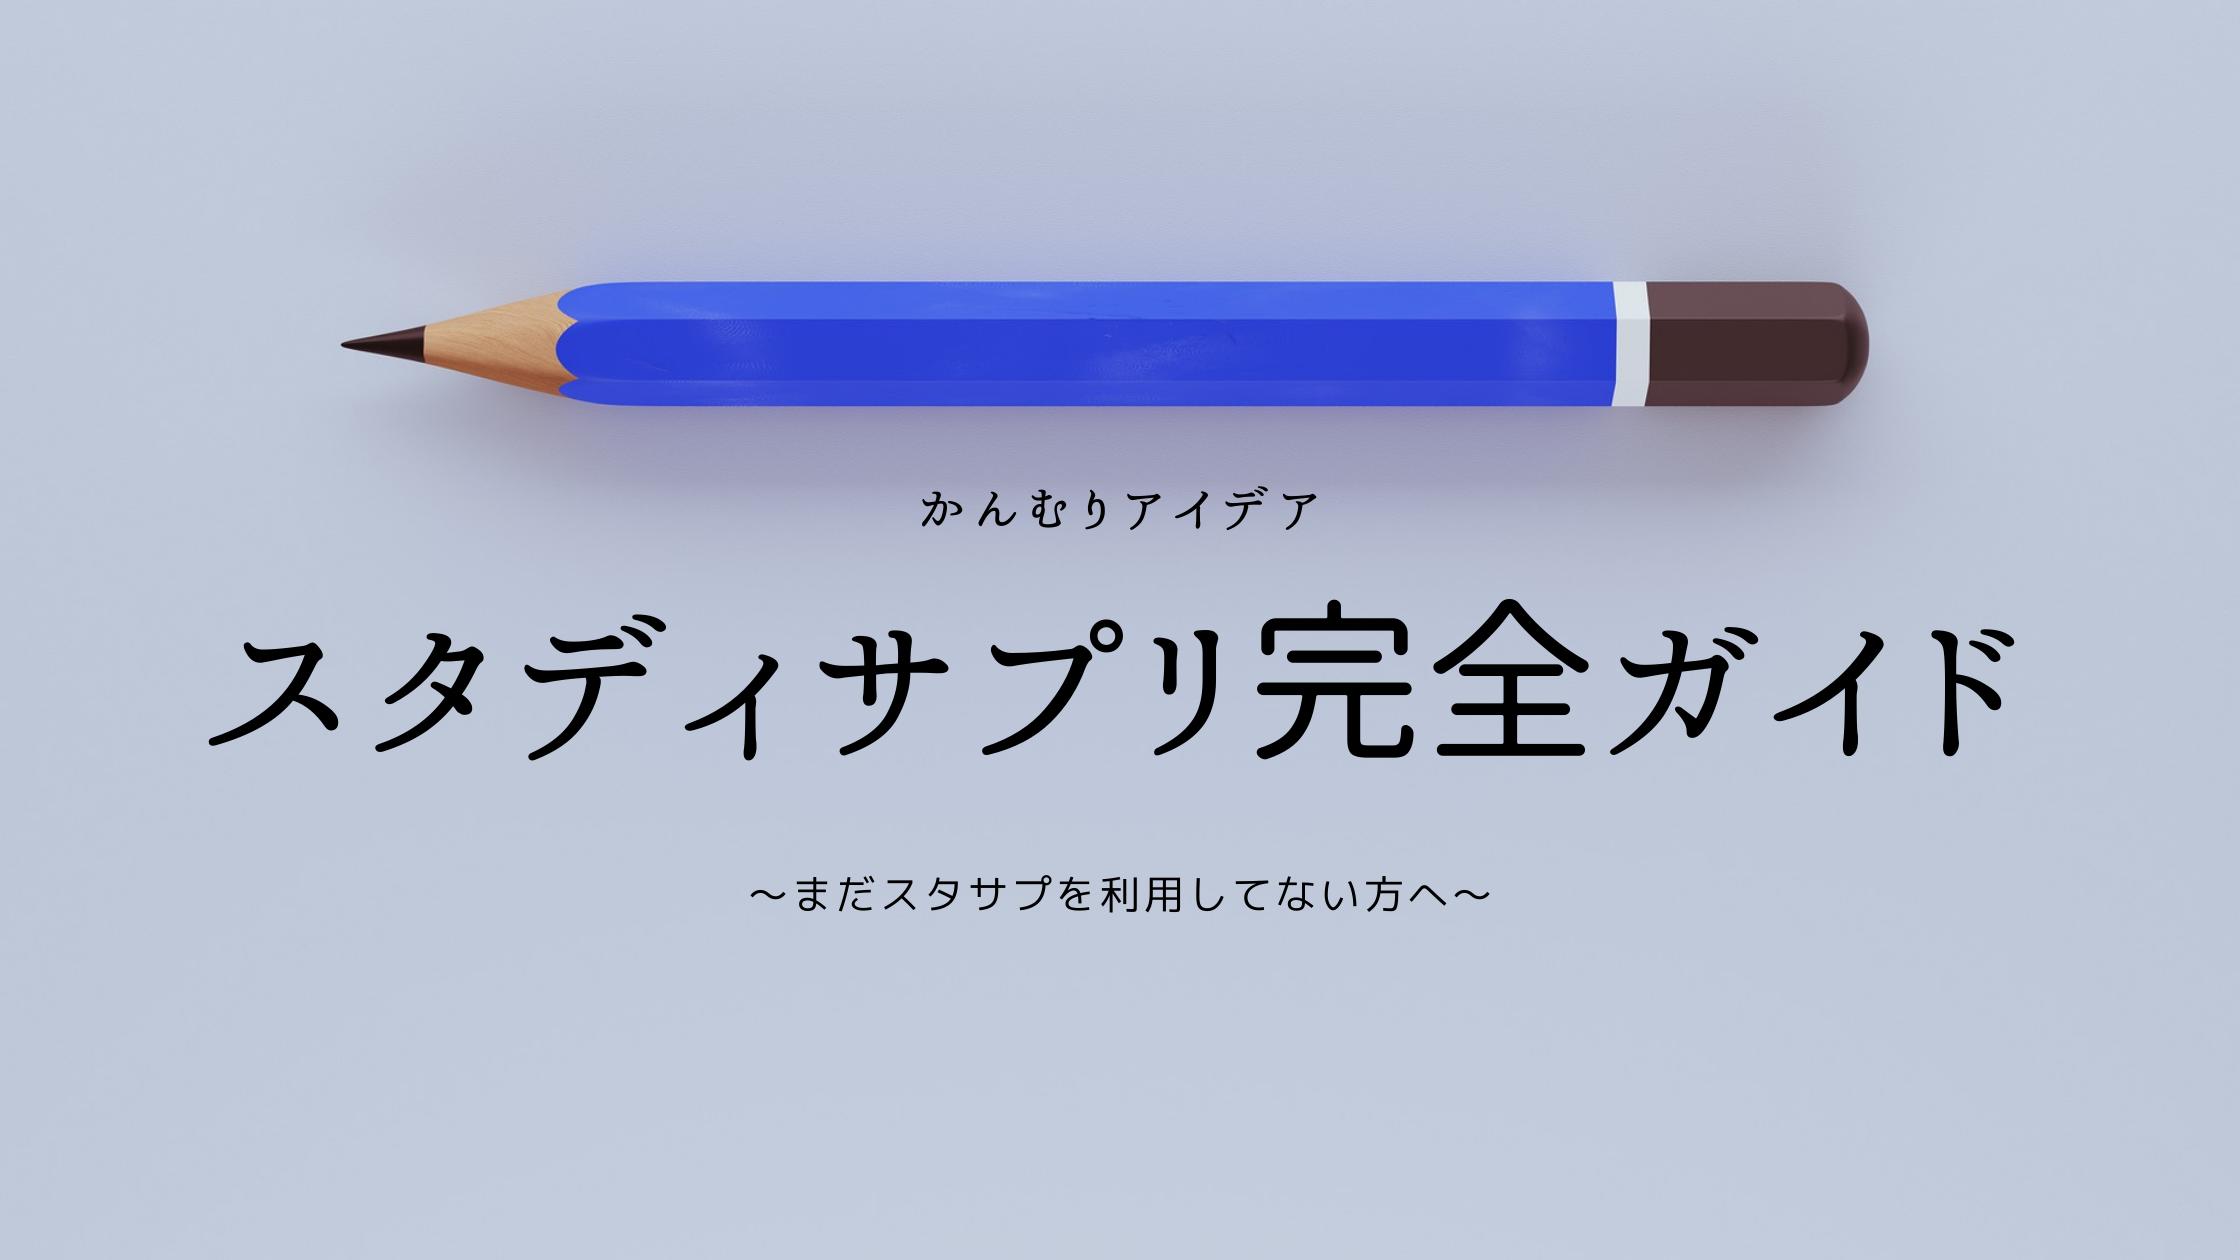 スタディサプリ完全ガイド【スタディサプリをこれから申し込む人のために】